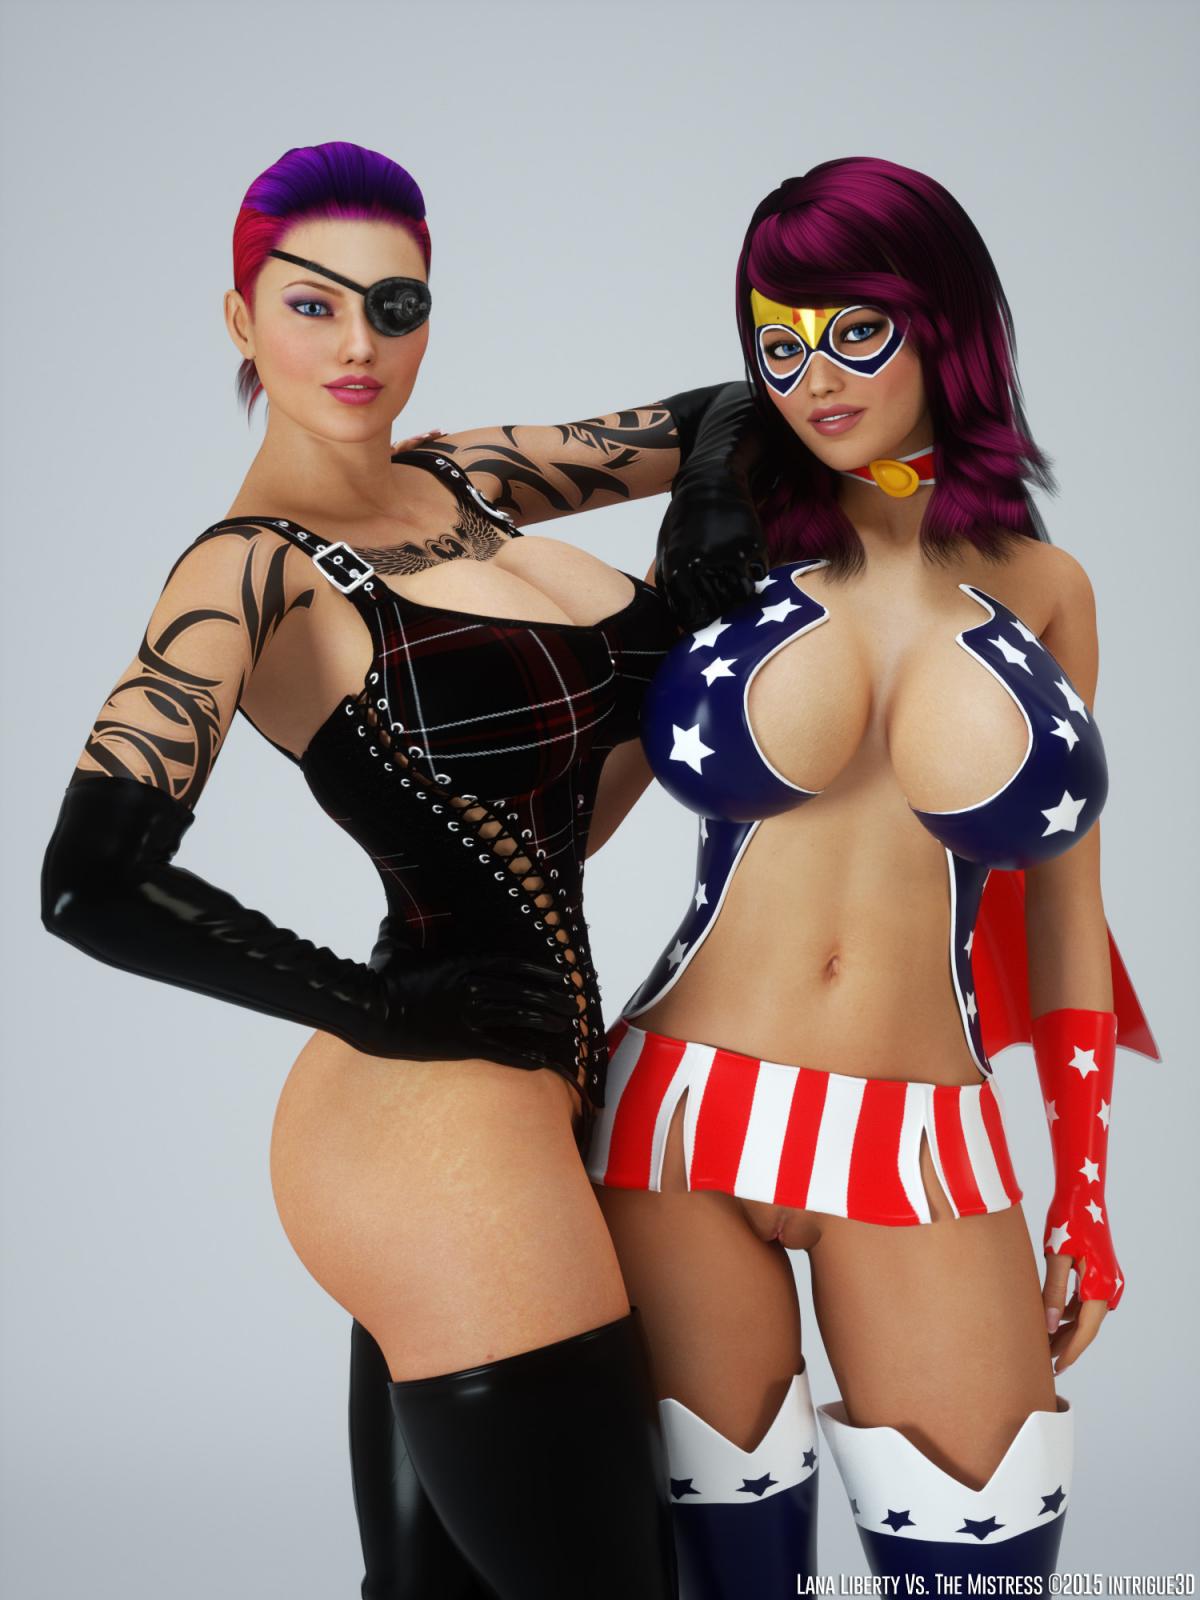 Hình ảnh 39956629444_5d345b021b_o trong bài viết Lana Liberty Vs The Mistress